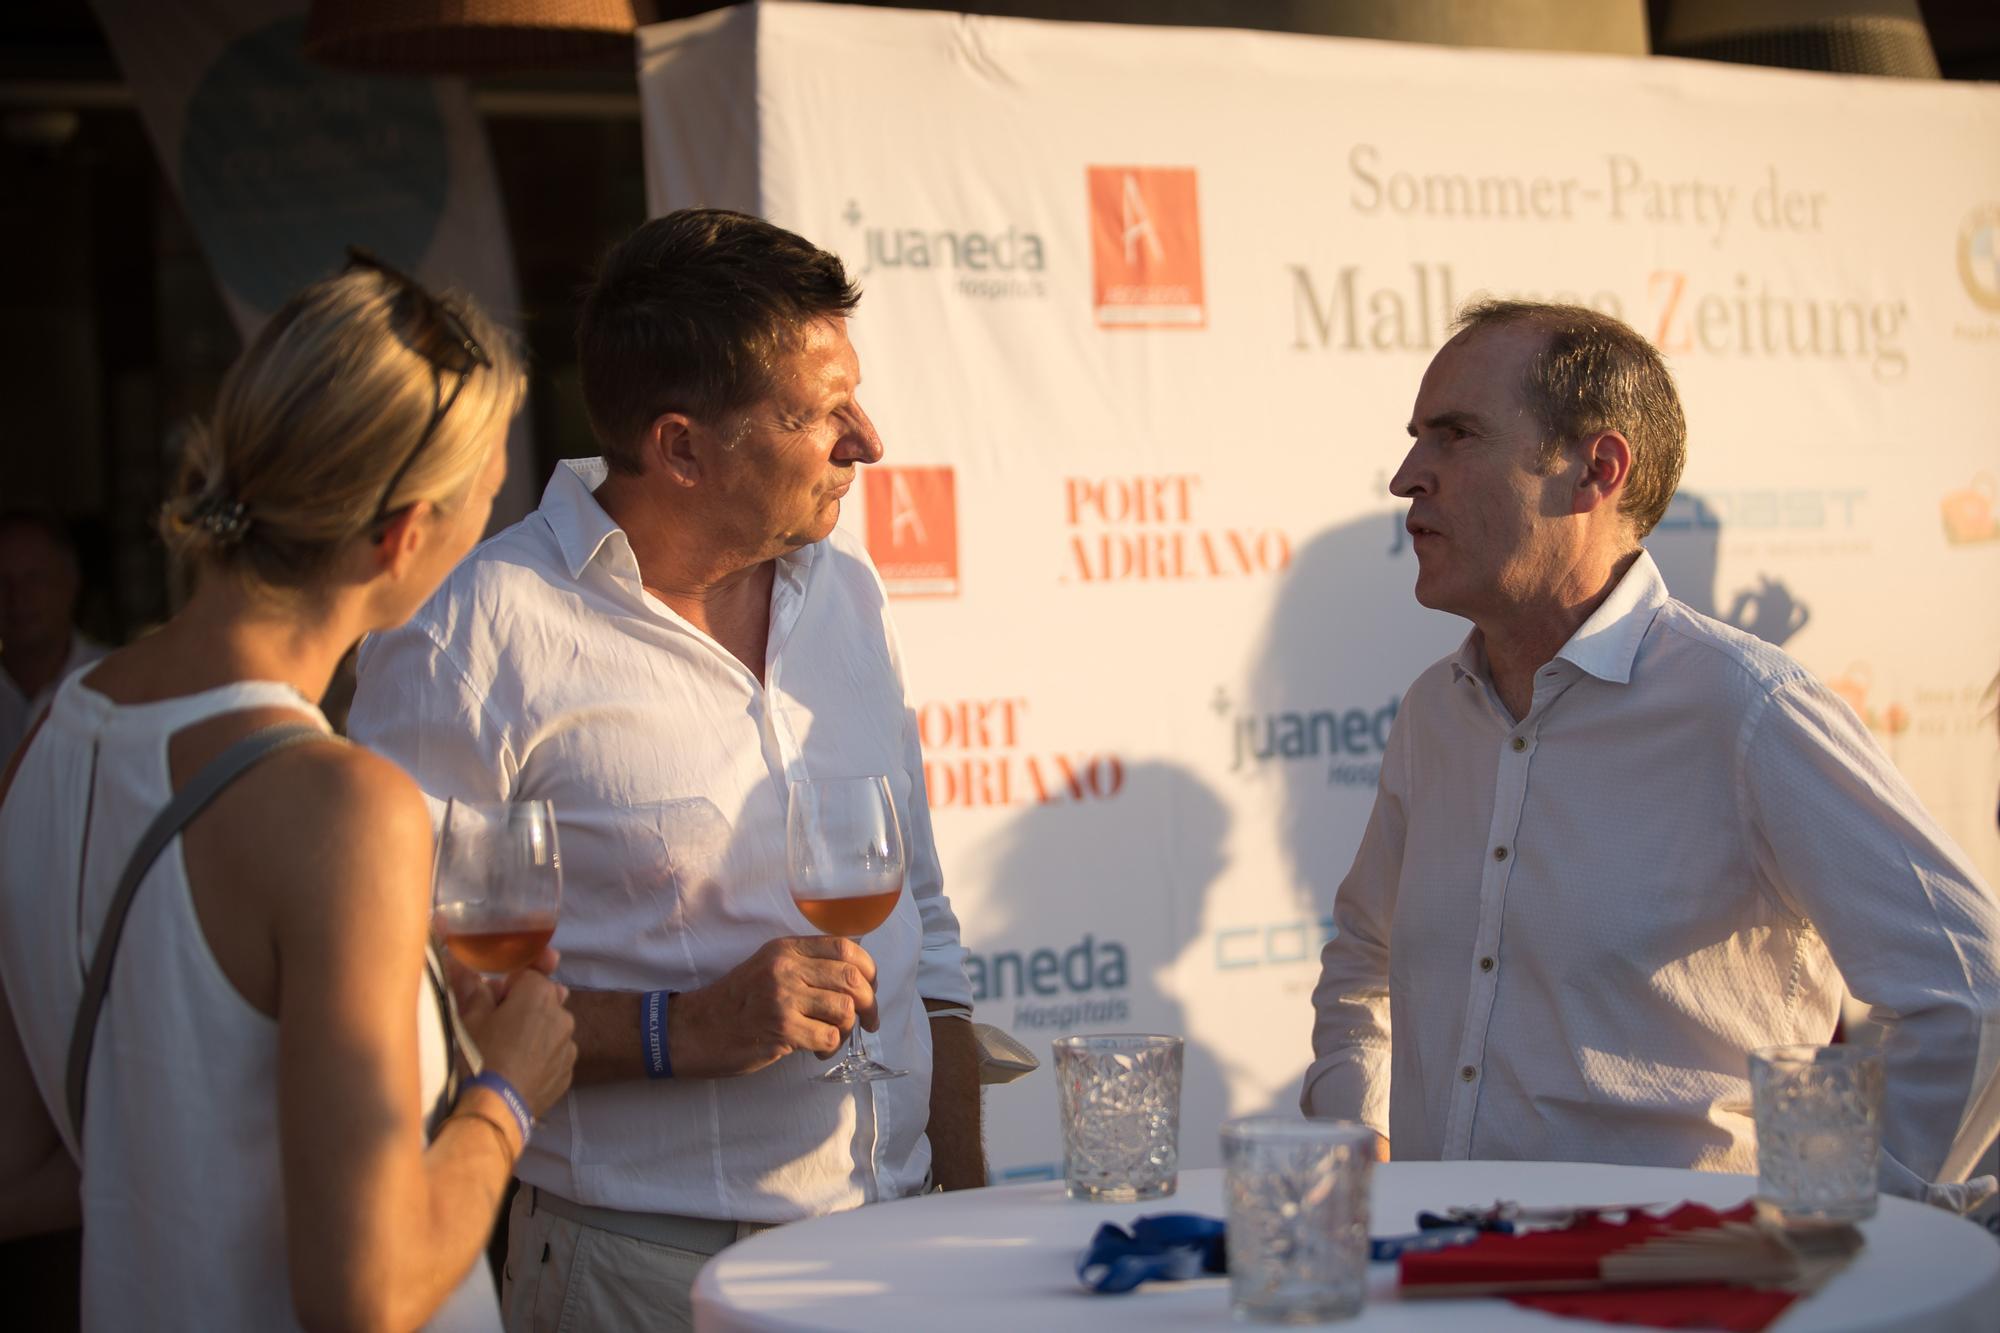 So schön war das Sommerfest der Mallorca Zeitung 2021 in Port Adriano